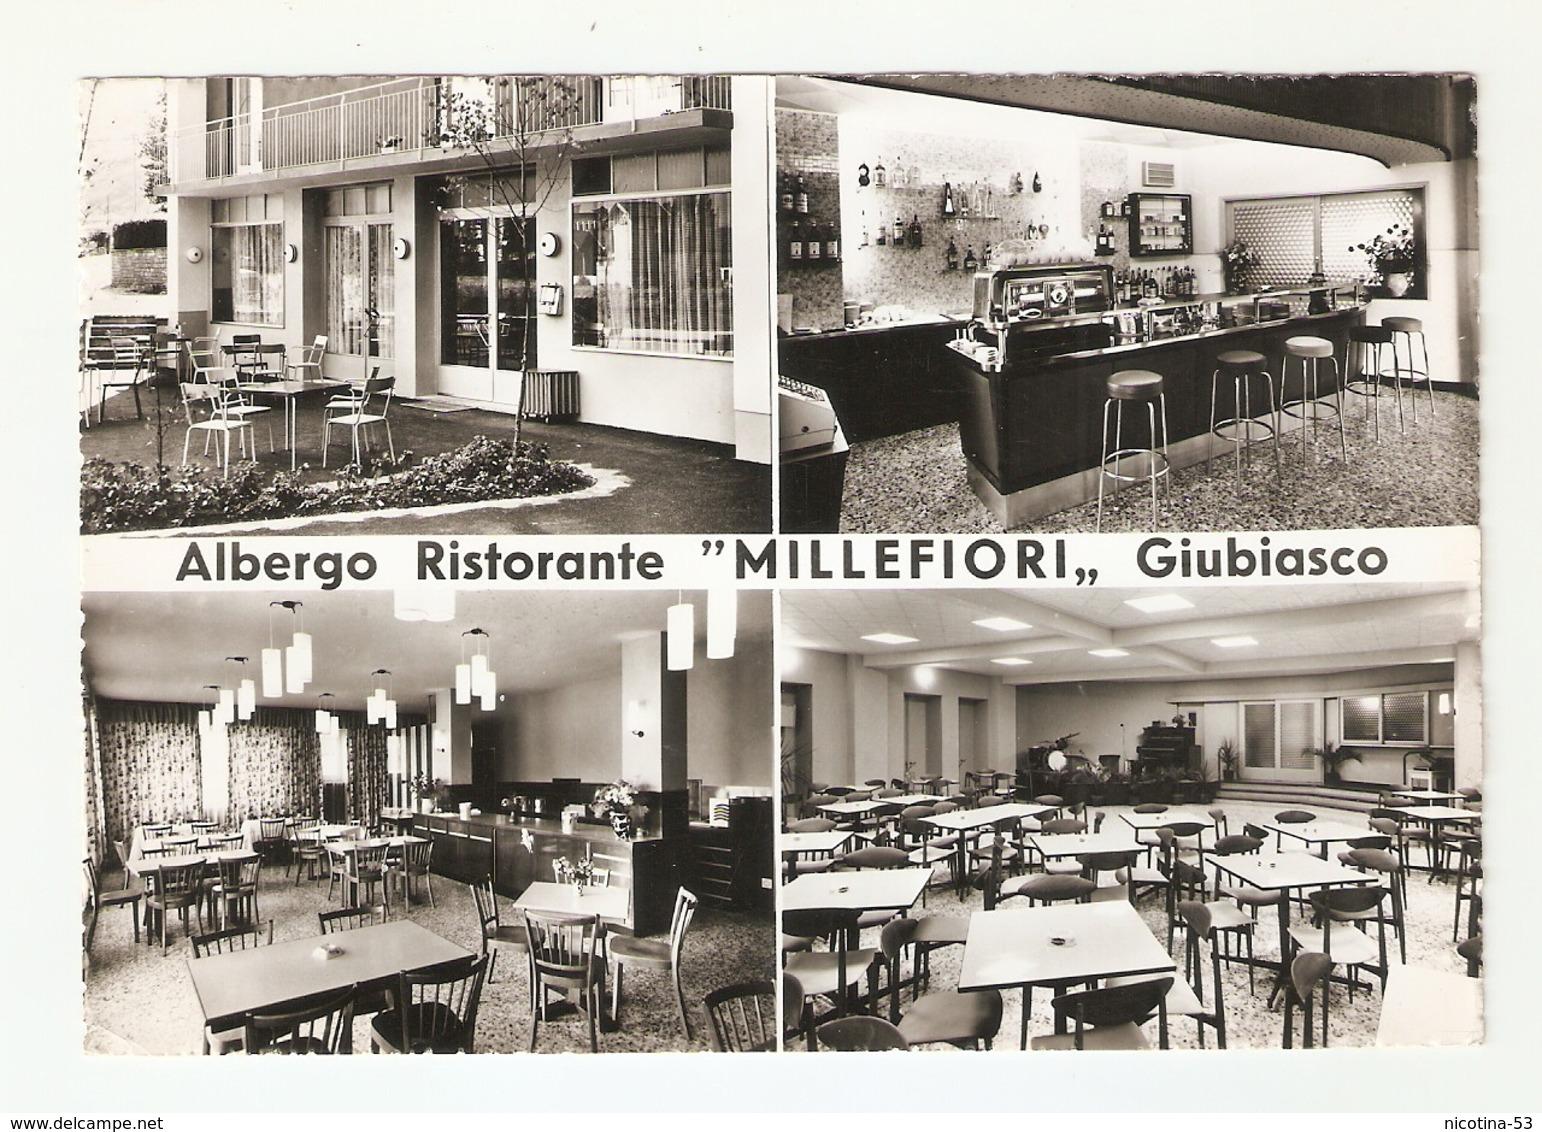 """CT--02473-- ALBERGO RISTORANTE """"MILLEFIORI"""" GIUBIASCO-SVIZZERA-MACCHINA DA CAFFE - Alberghi & Ristoranti"""